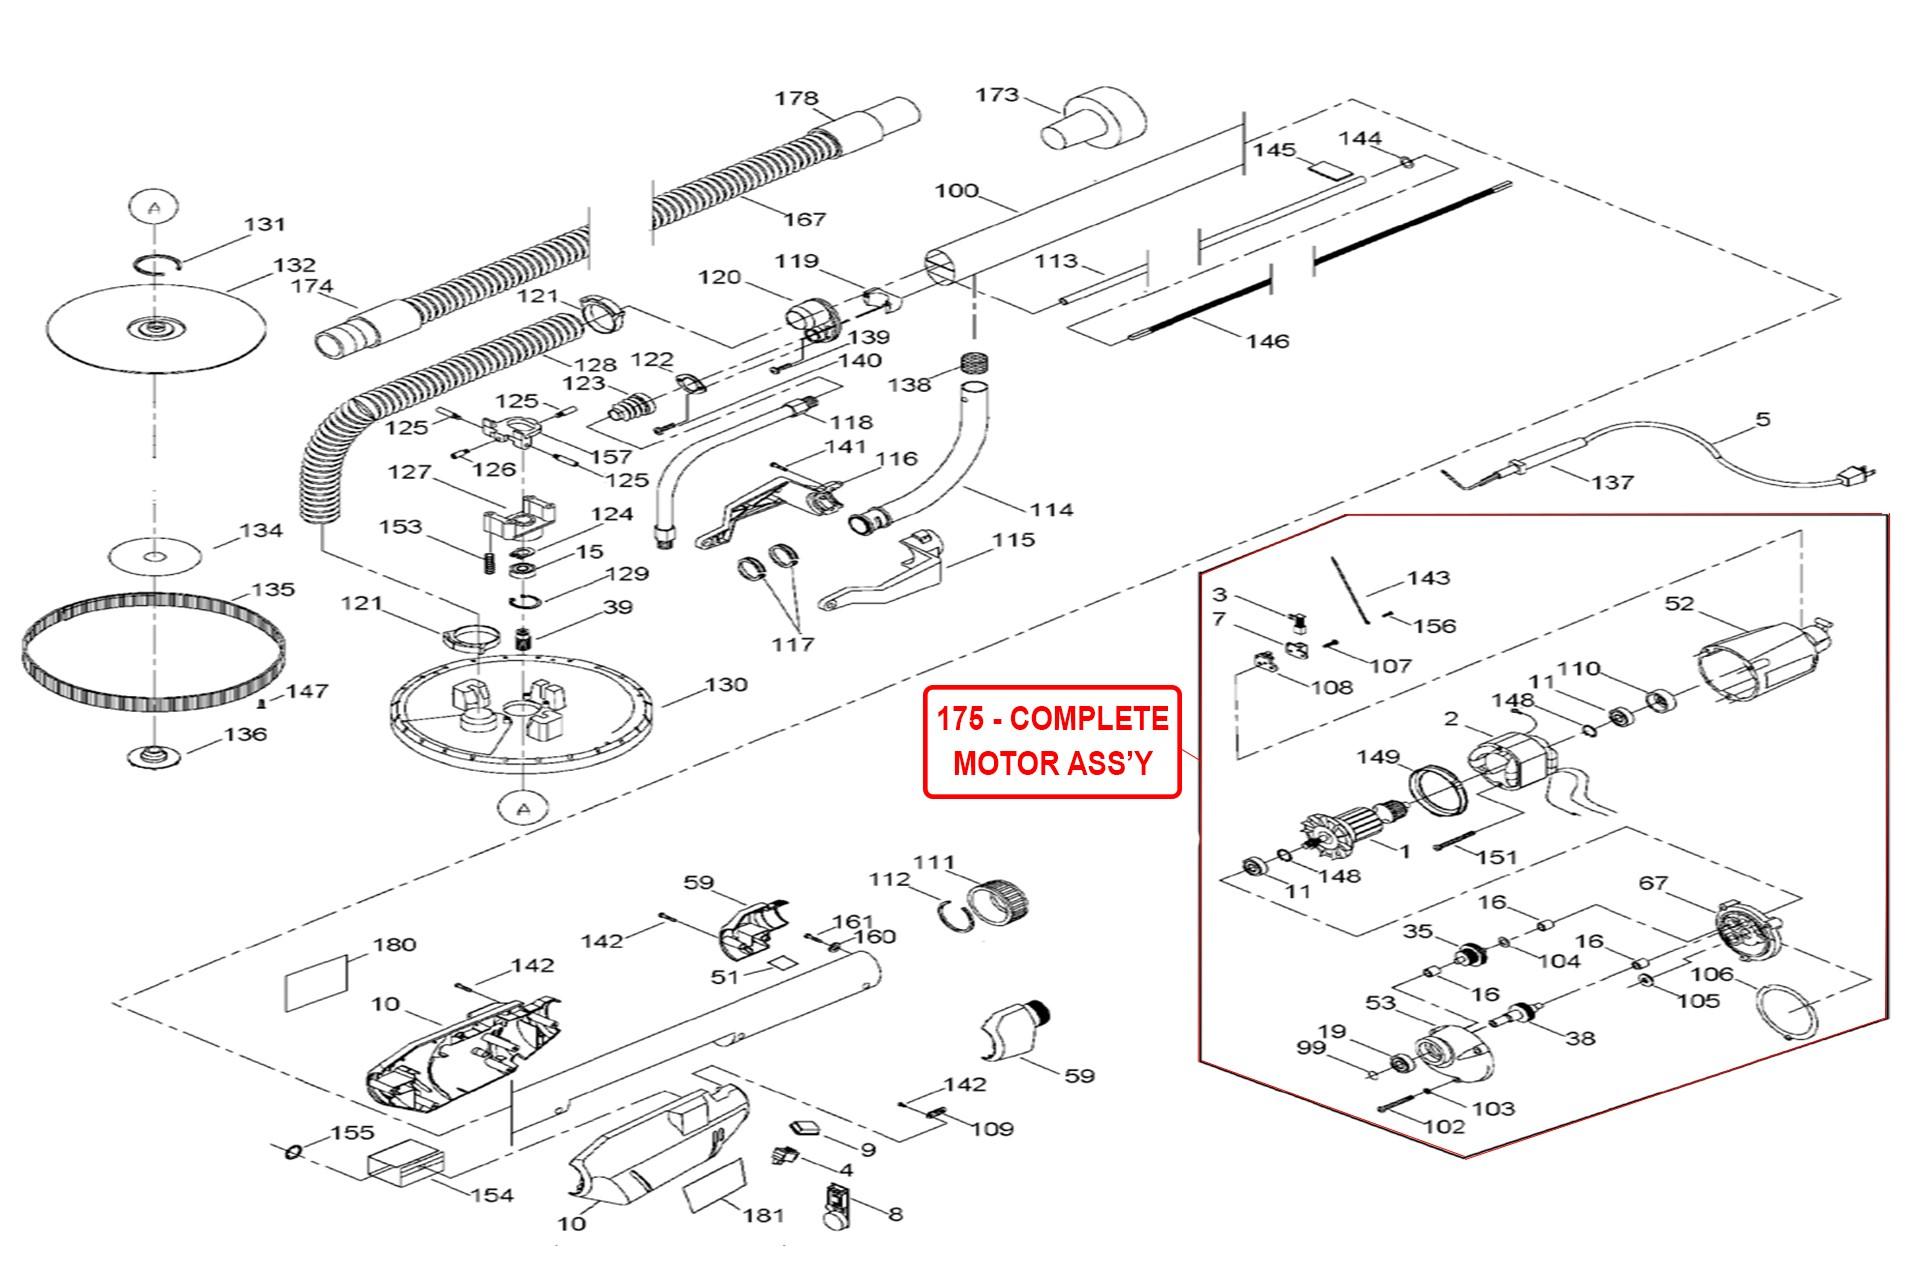 Porter Cable 7800 Parts List